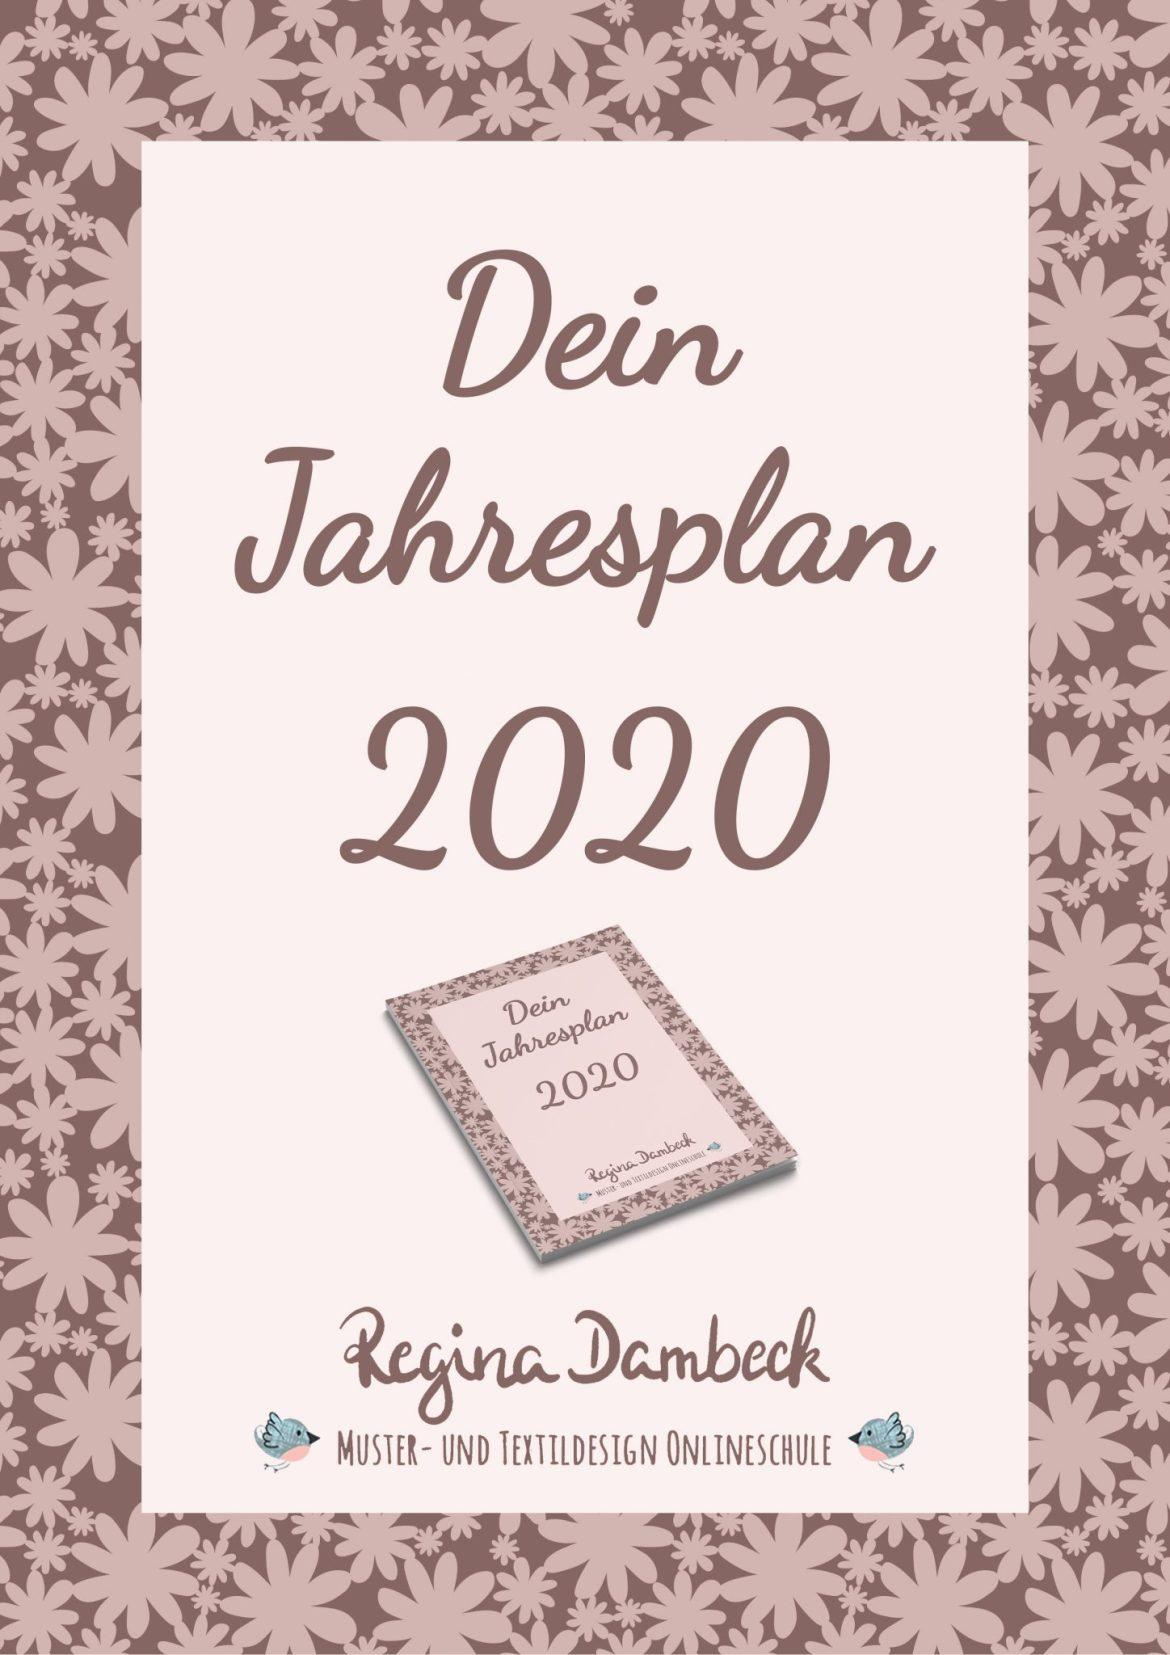 Jahresplan 2020 Regina Dambeck Musterdesign Onlineschule